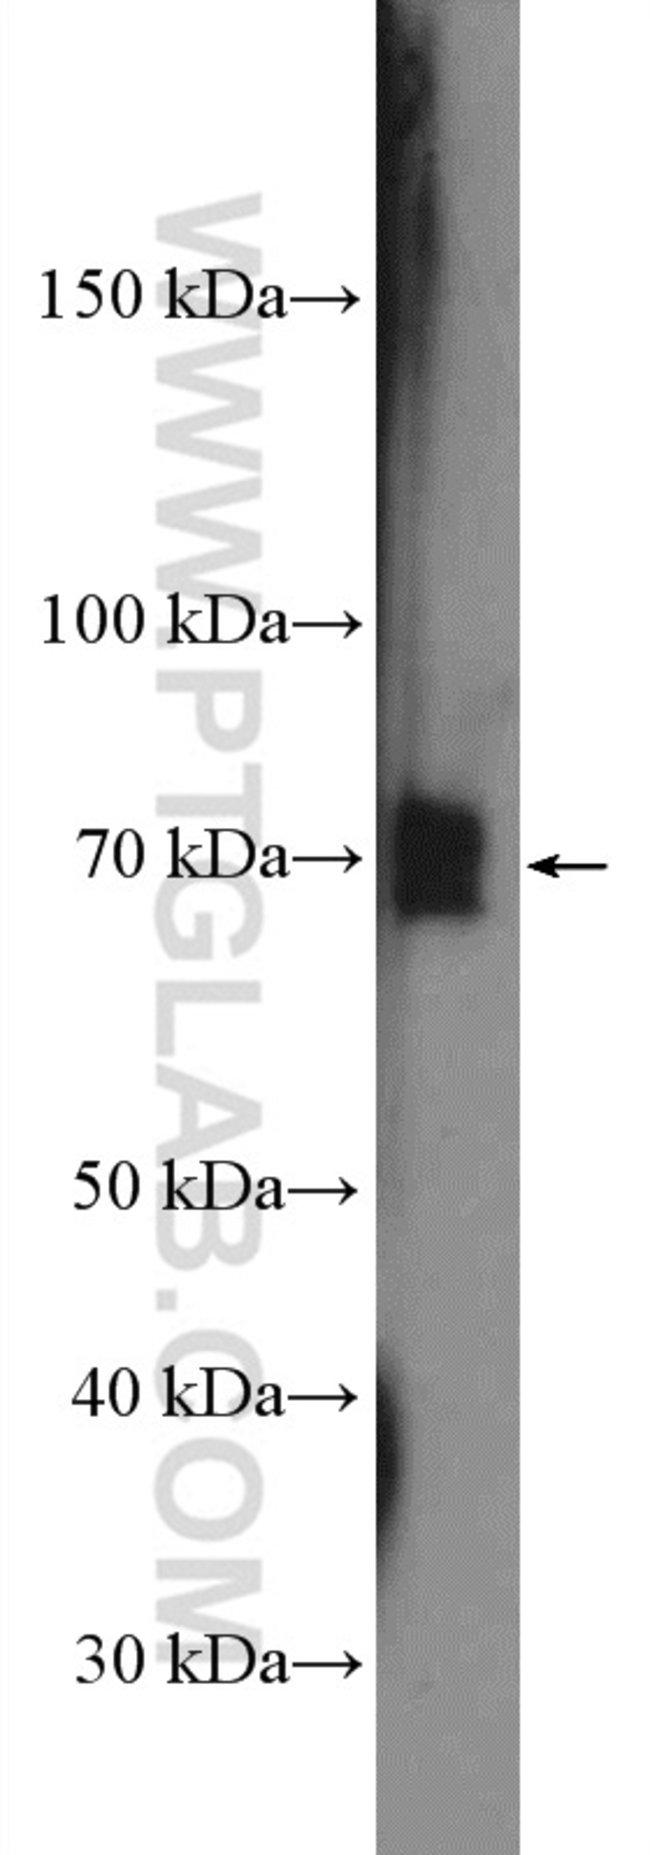 p65/RELA Rabbit anti-Human, Mouse, Porcine, Rat, Polyclonal, Proteintech 20 μL; Unconjugated Ver productos